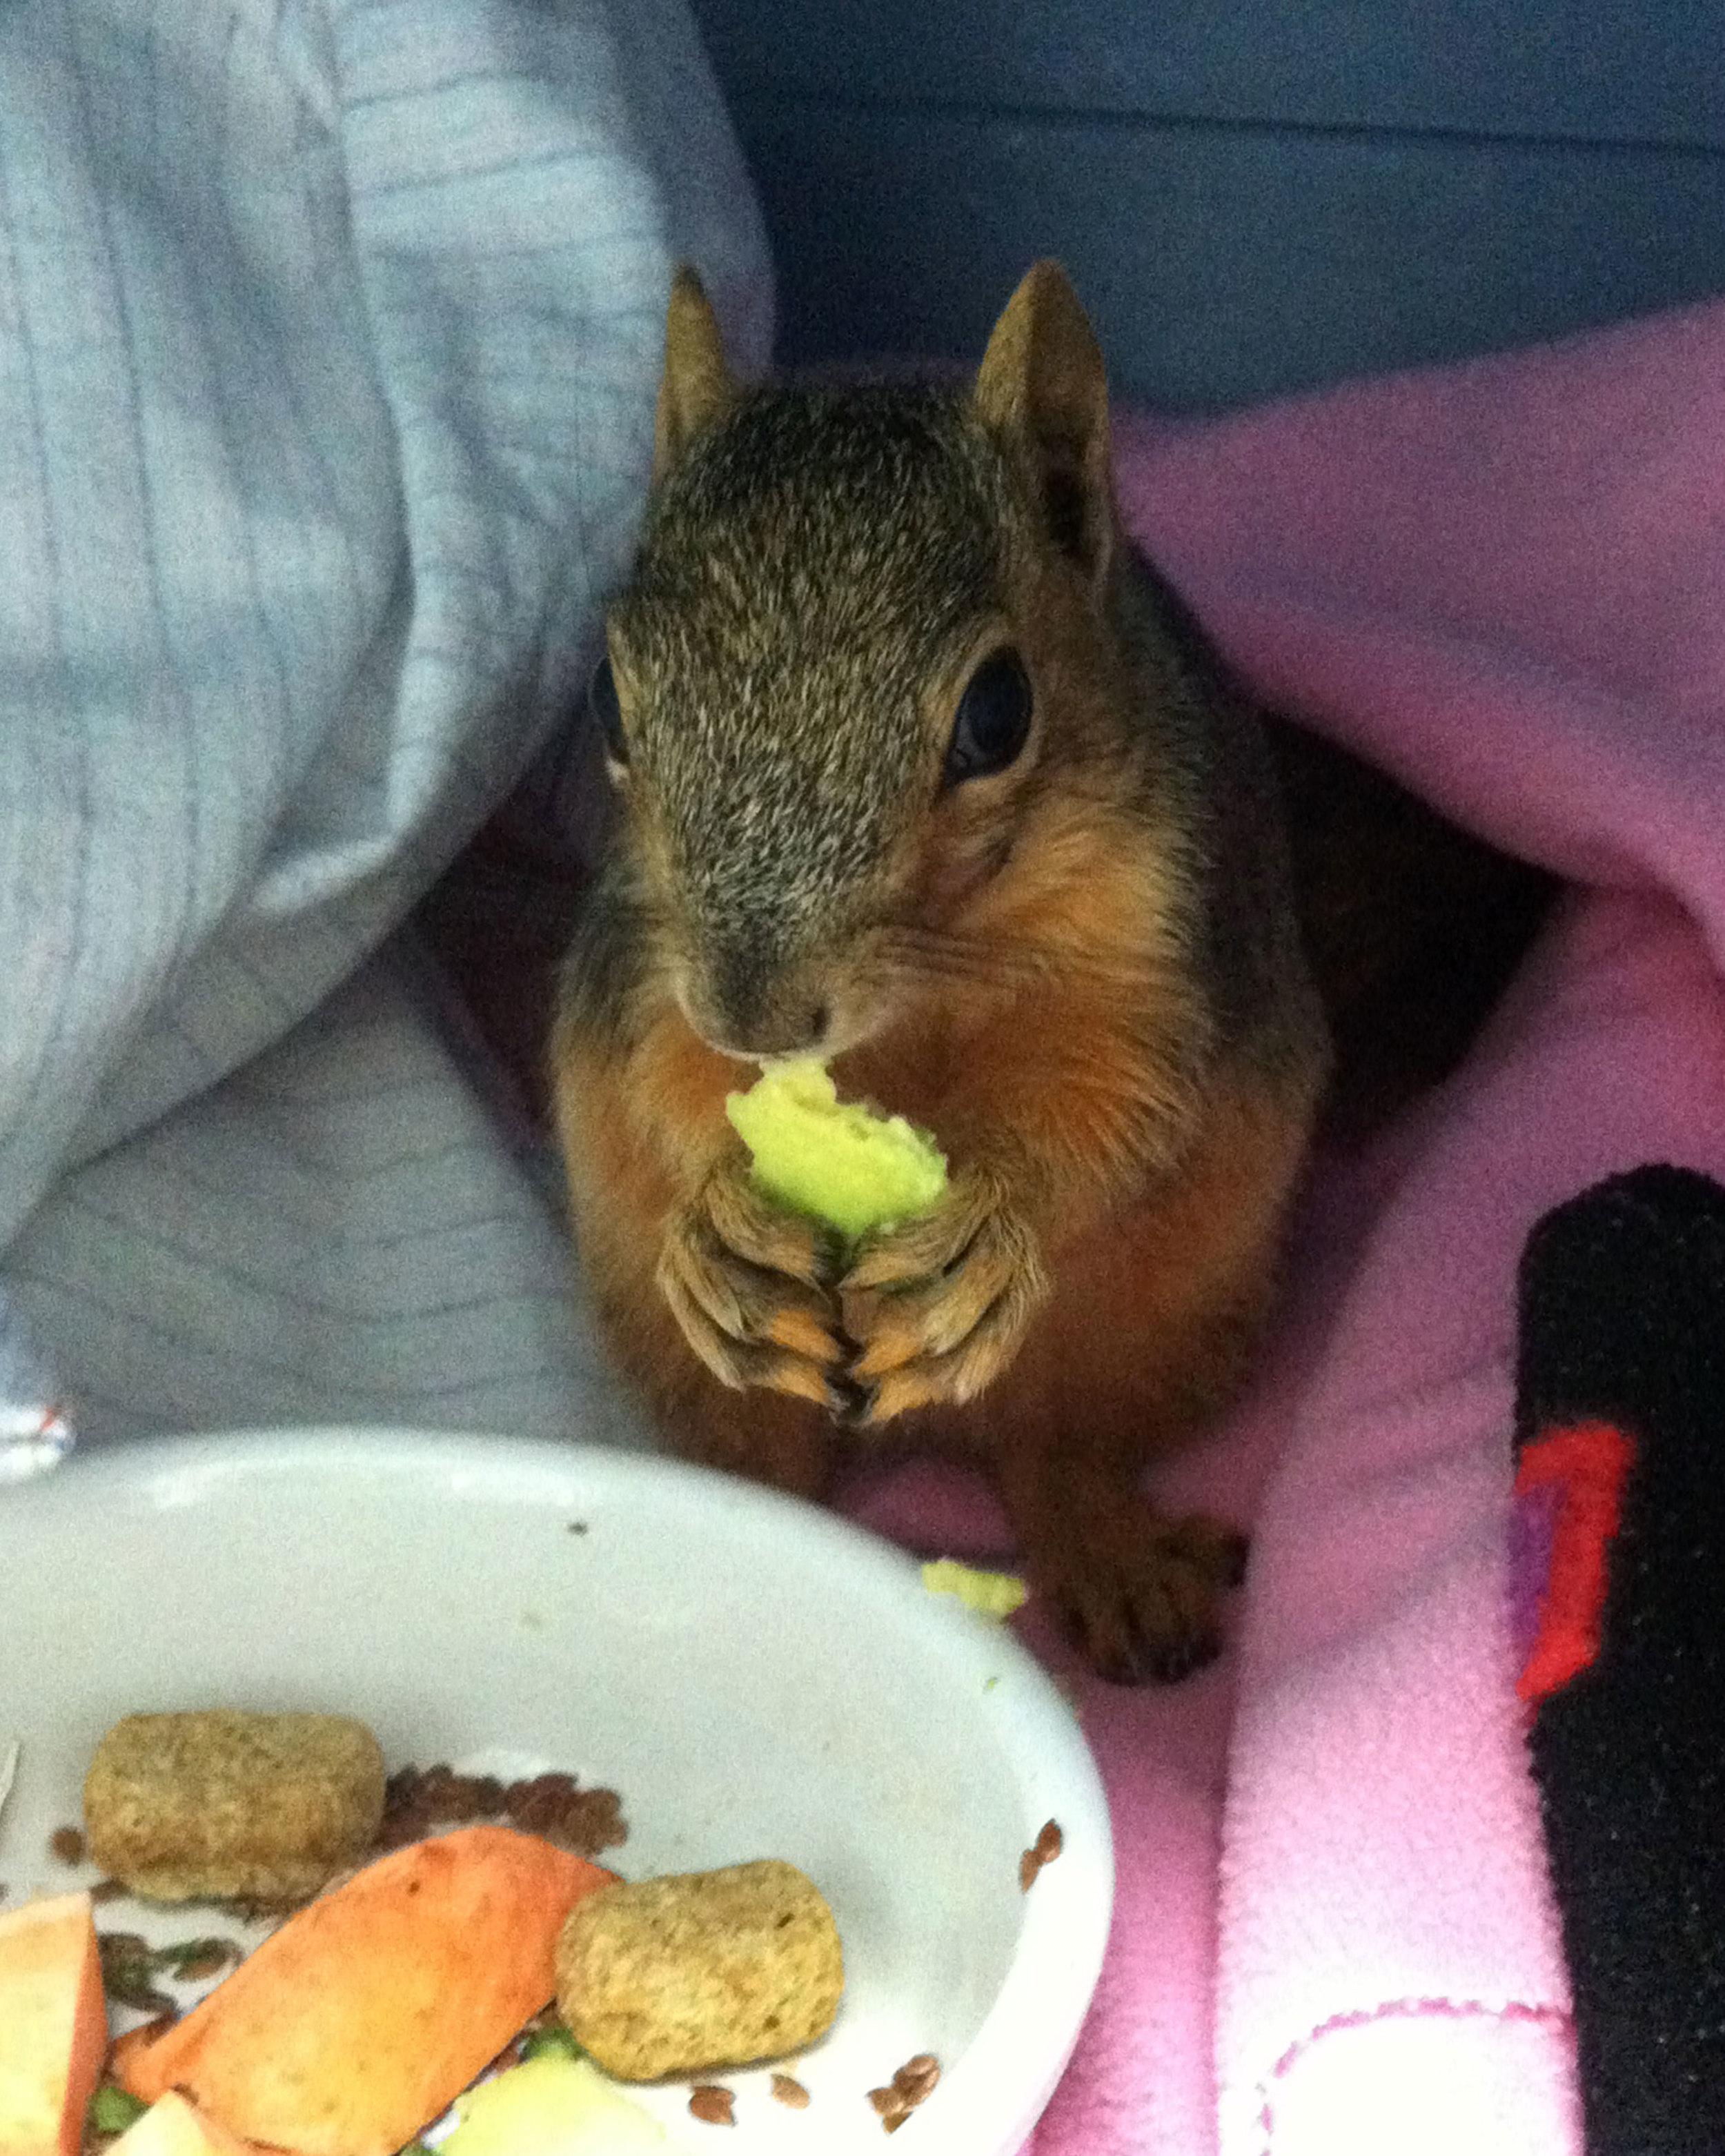 Dumpling baby squirrel